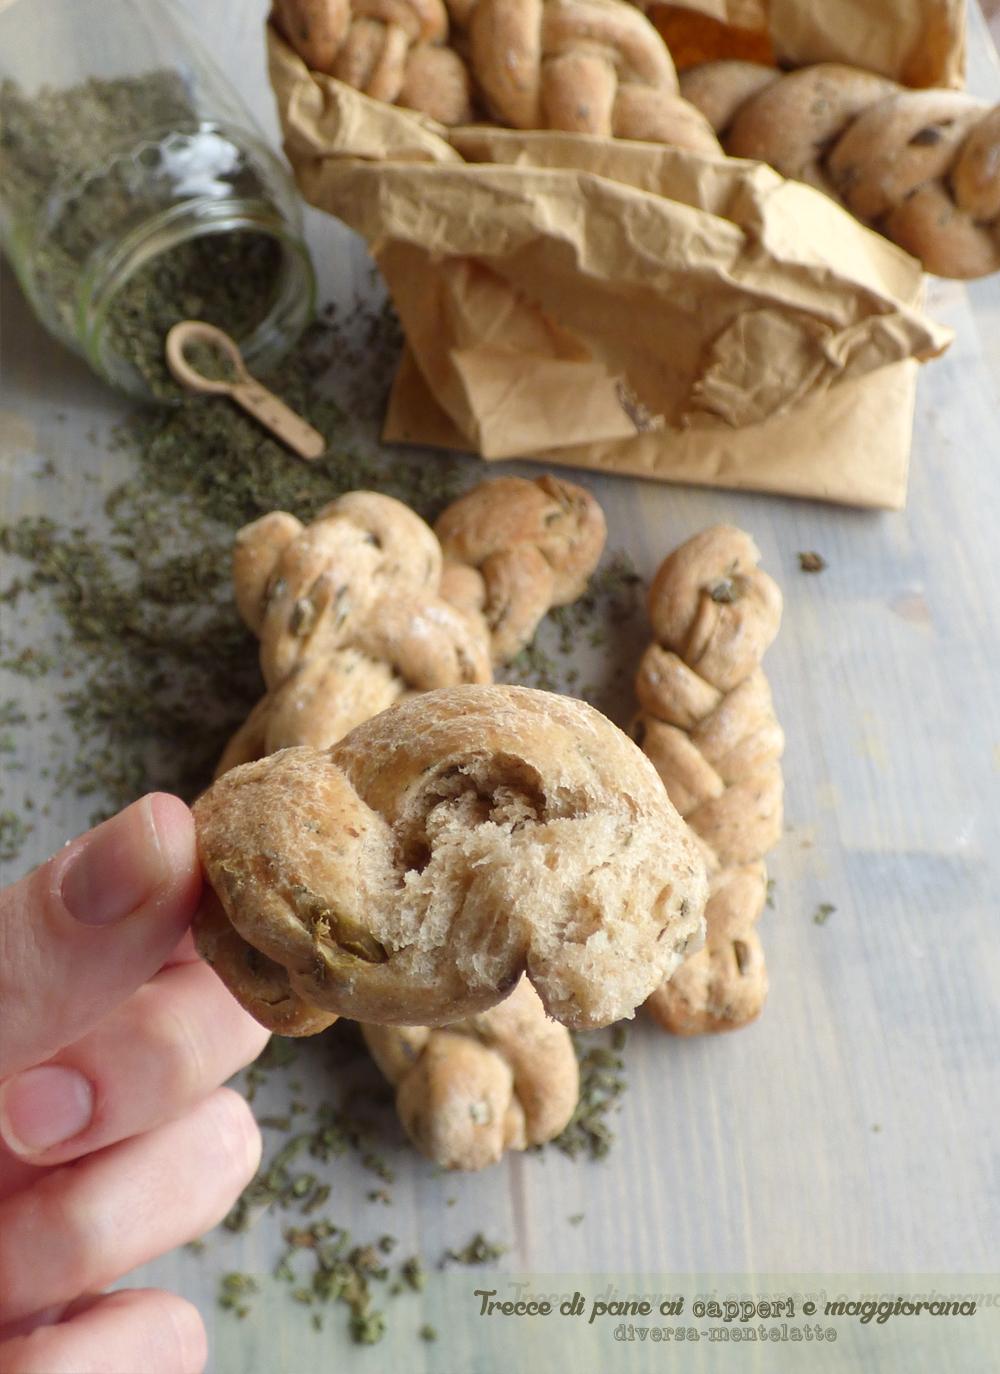 Trecce di pane